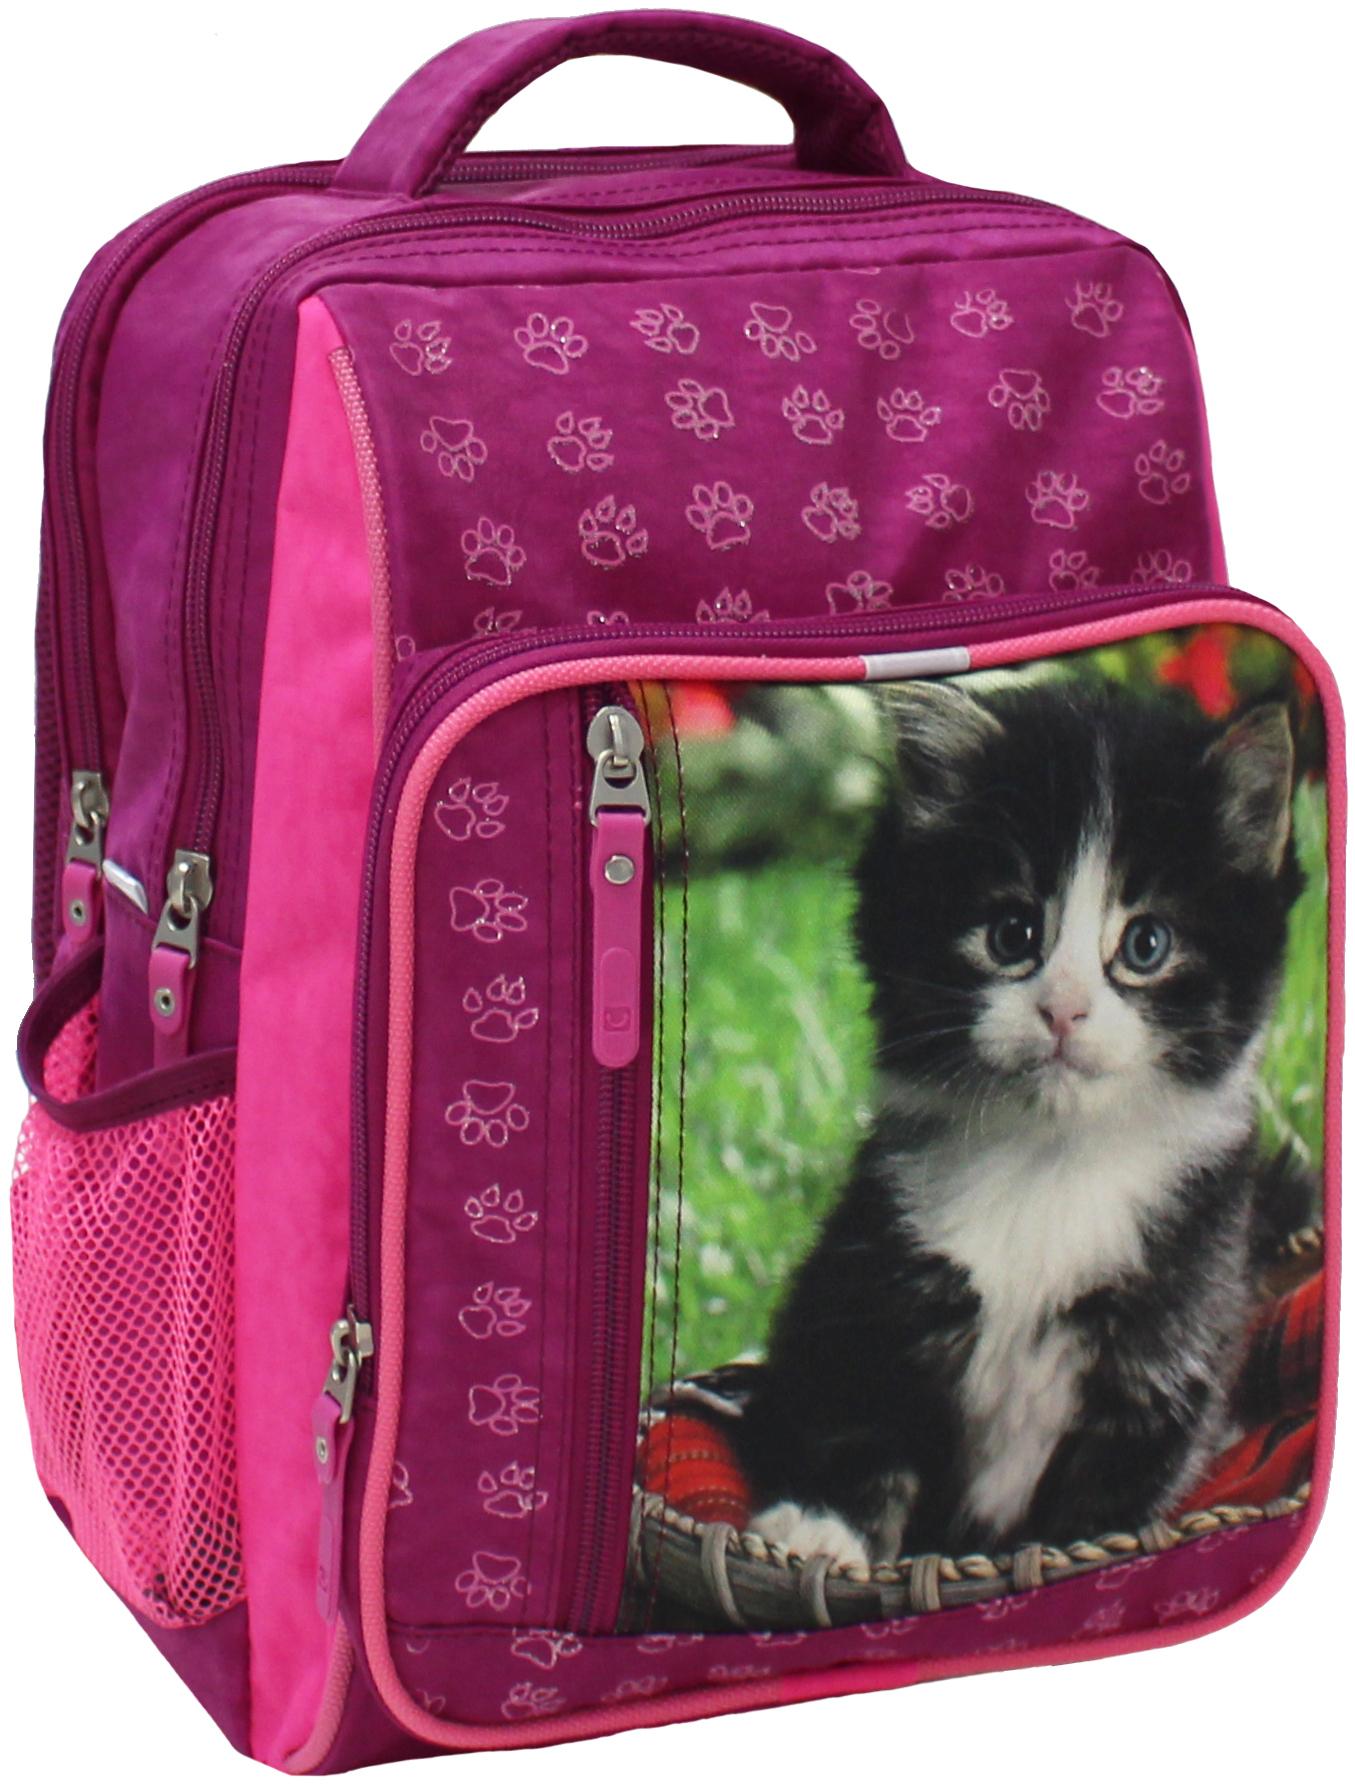 Школьные рюкзаки Рюкзак школьный Bagland Школьник 8 л. 143 малина 59 д (00112702) IMG_5223.JPG